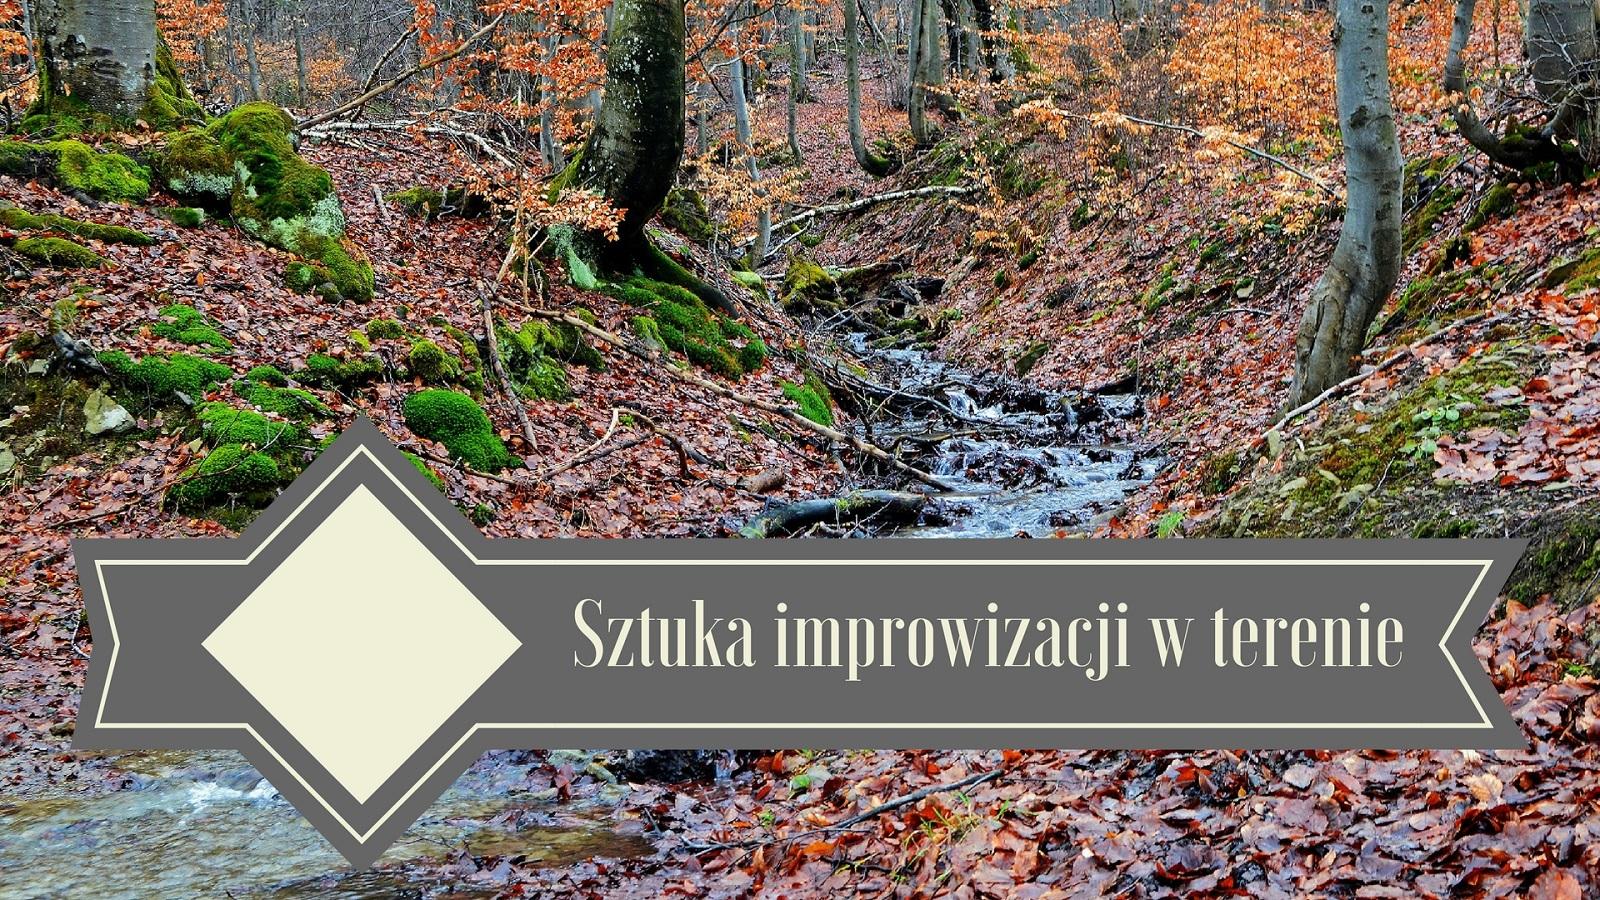 Improwizacja i rozwiązywanie problemów w górach, w terenie, na szlaku